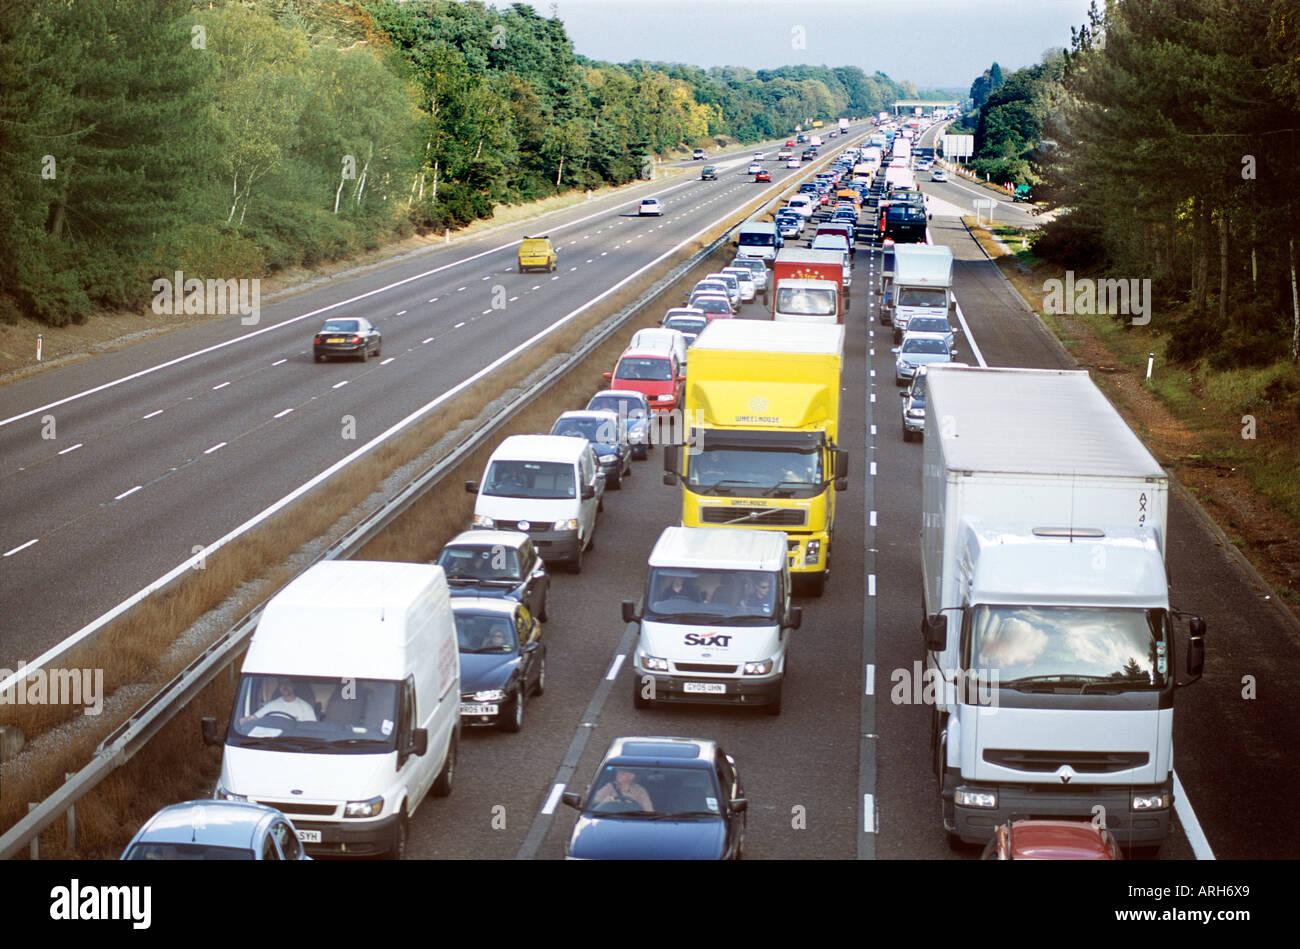 Autostrada M3 bloccato da incidente causando gravi ingorghi di traffico Immagini Stock